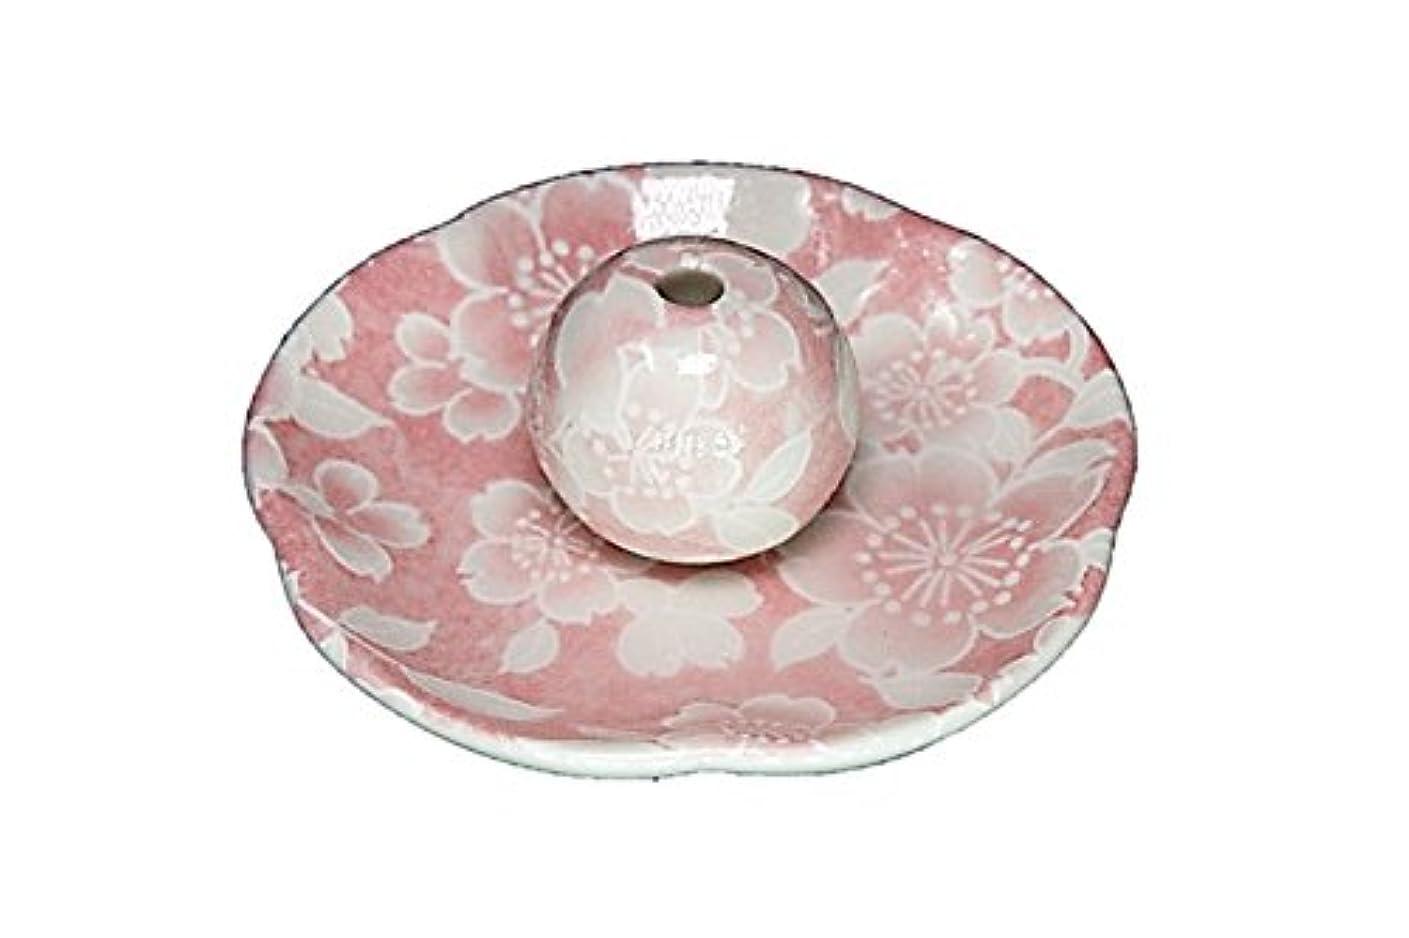 促す遺伝子促す桜友禅 ピンク 花形香皿 お香立て 日本製 製造 直売品